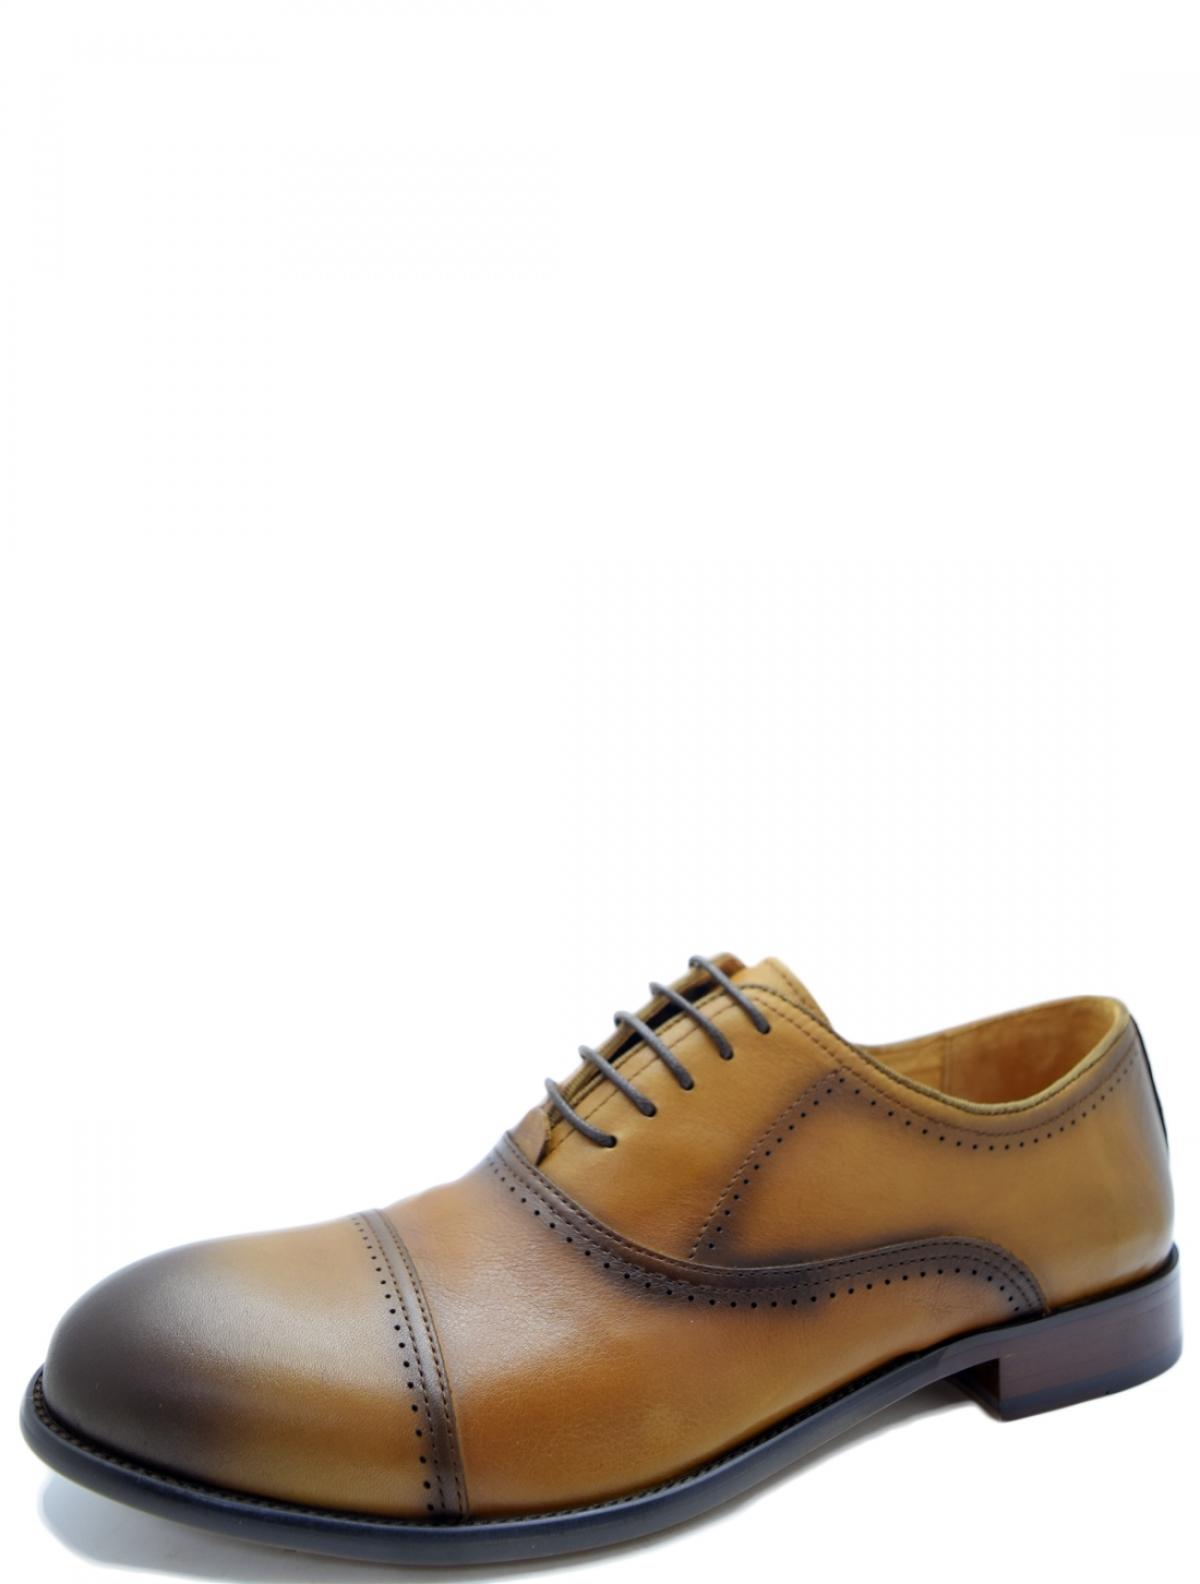 Roscote 651-33-A109-T2325 мужские туфли